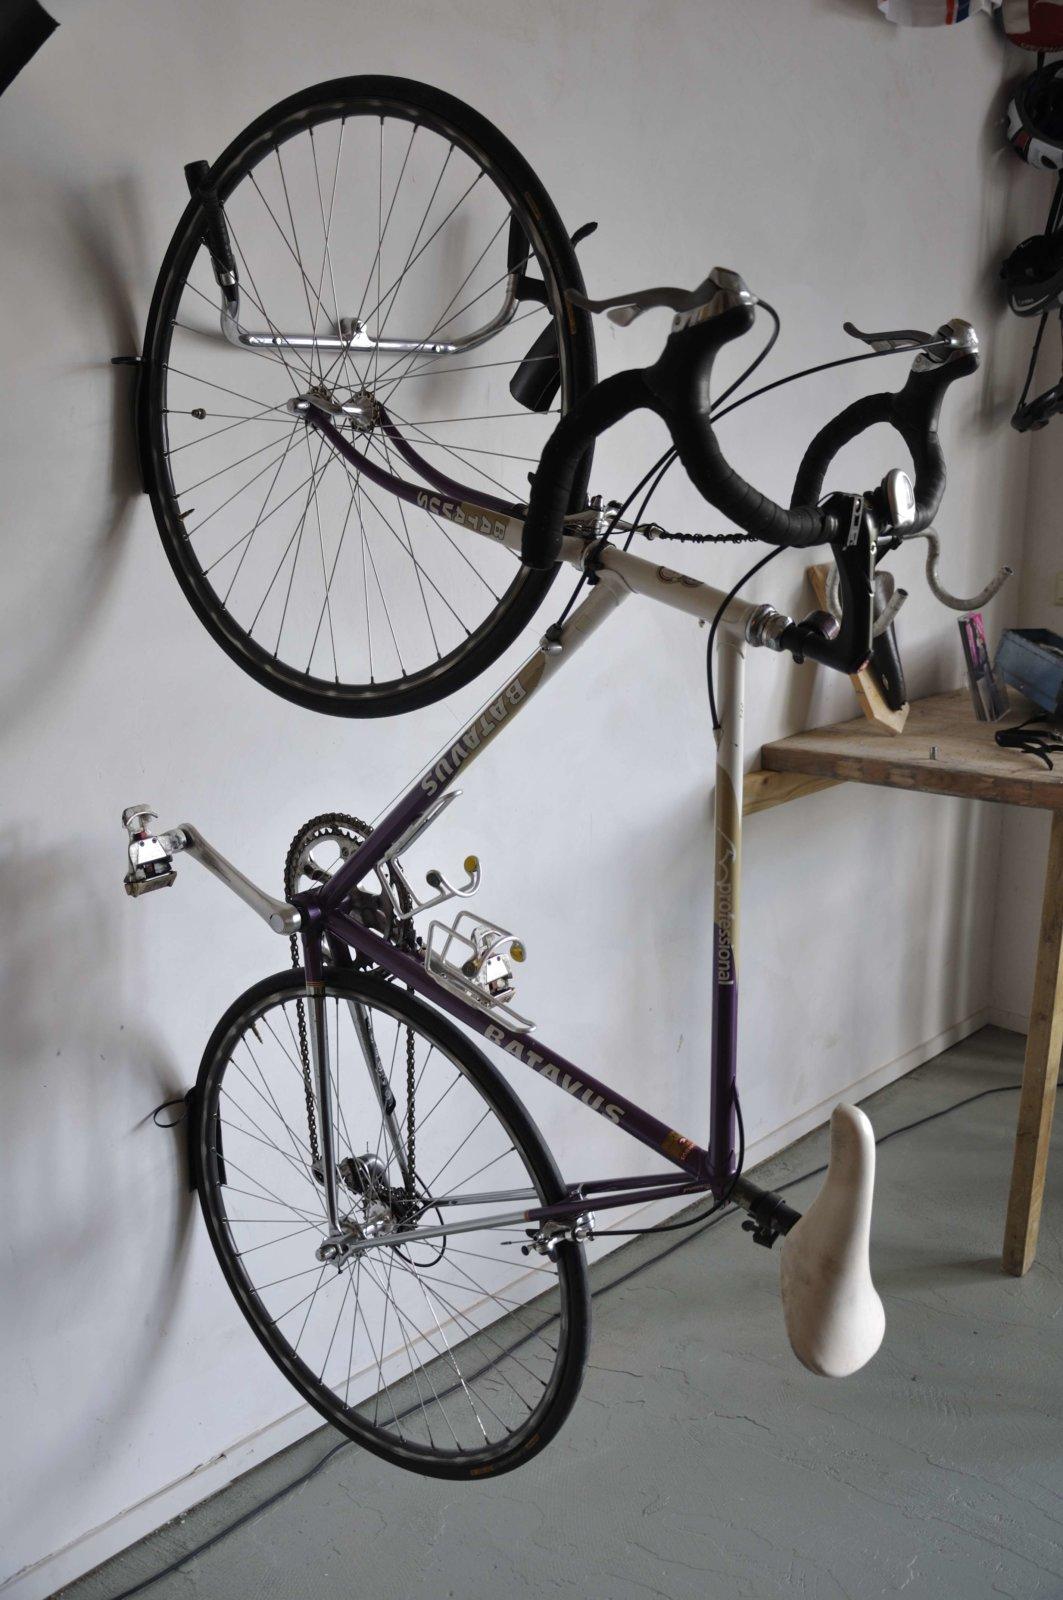 Hangjefietsaaneenstuuraandemuur fietsophangsysteem bij wielercafe Parijs is nog Ver